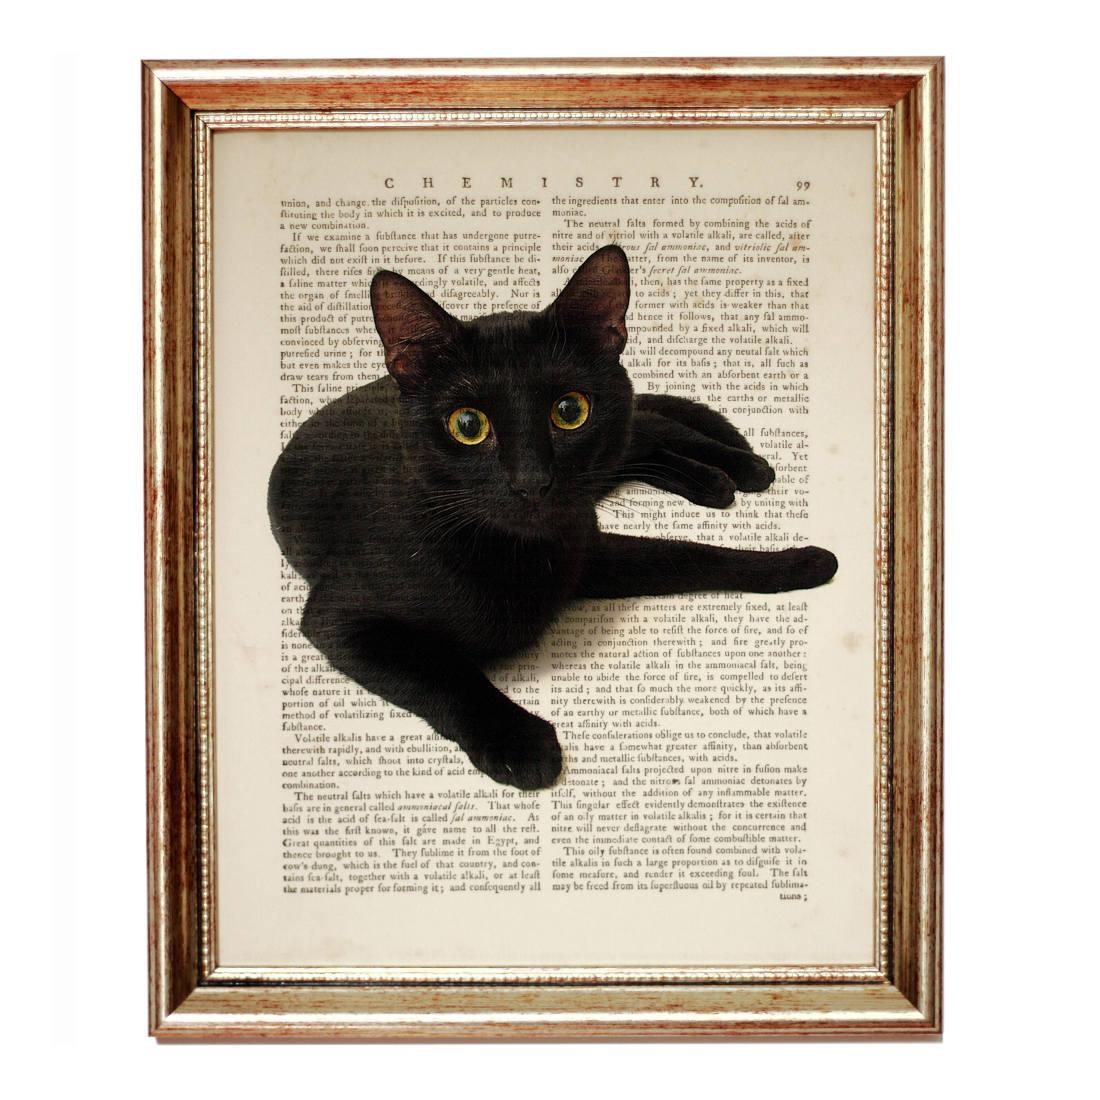 Футболка Черная кошка купить в Москве: цены 36